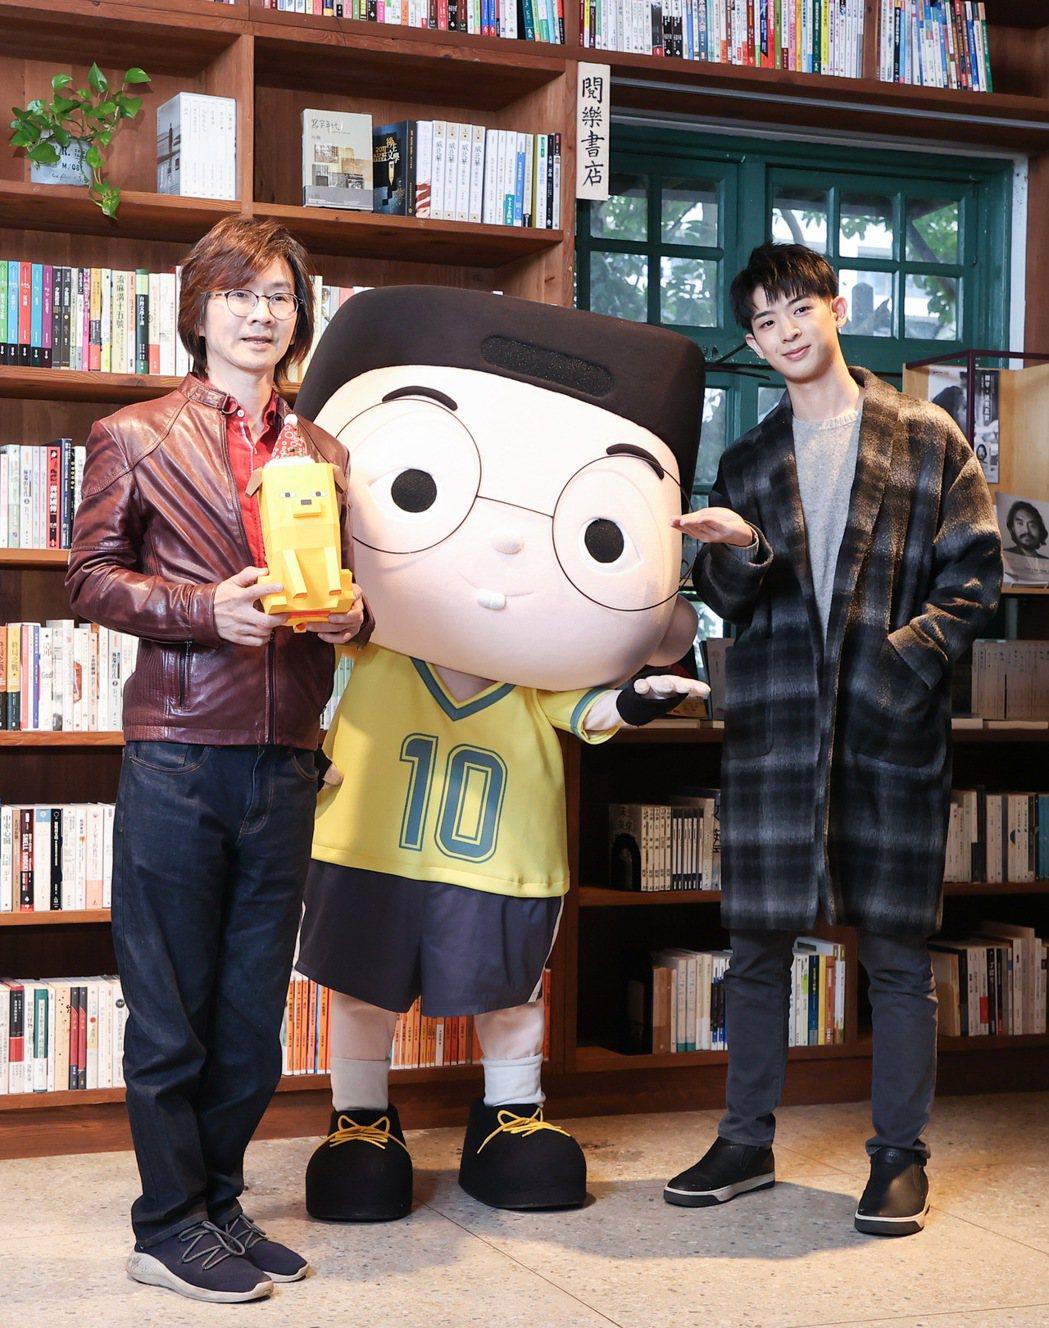 林隆璇(左)攜手兒子林亭翰推出新歌「愛搞怪的小東西」。記者余承翰/攝影